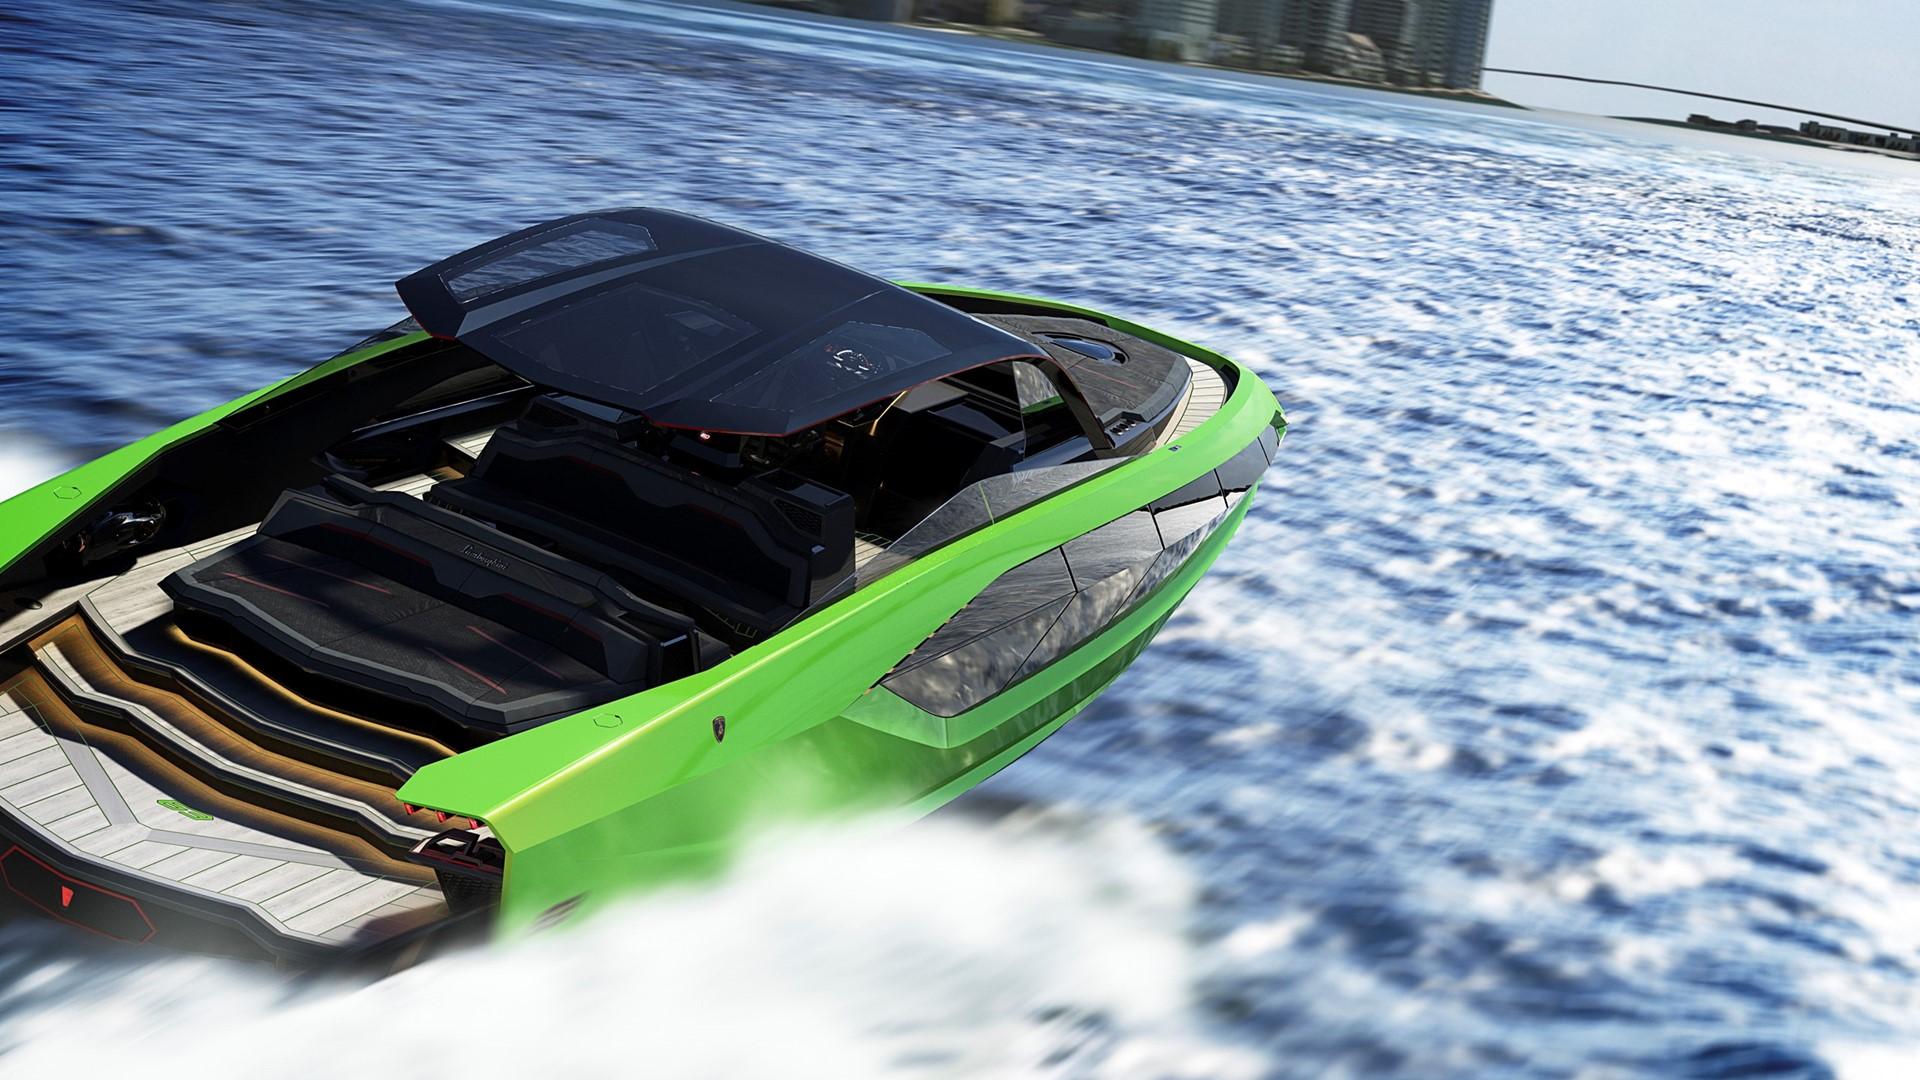 Automobili Lamborghini and The Italian Sea Group unveil the motor yacht 'Tecnomar for Lamborghini 63' - Image 4